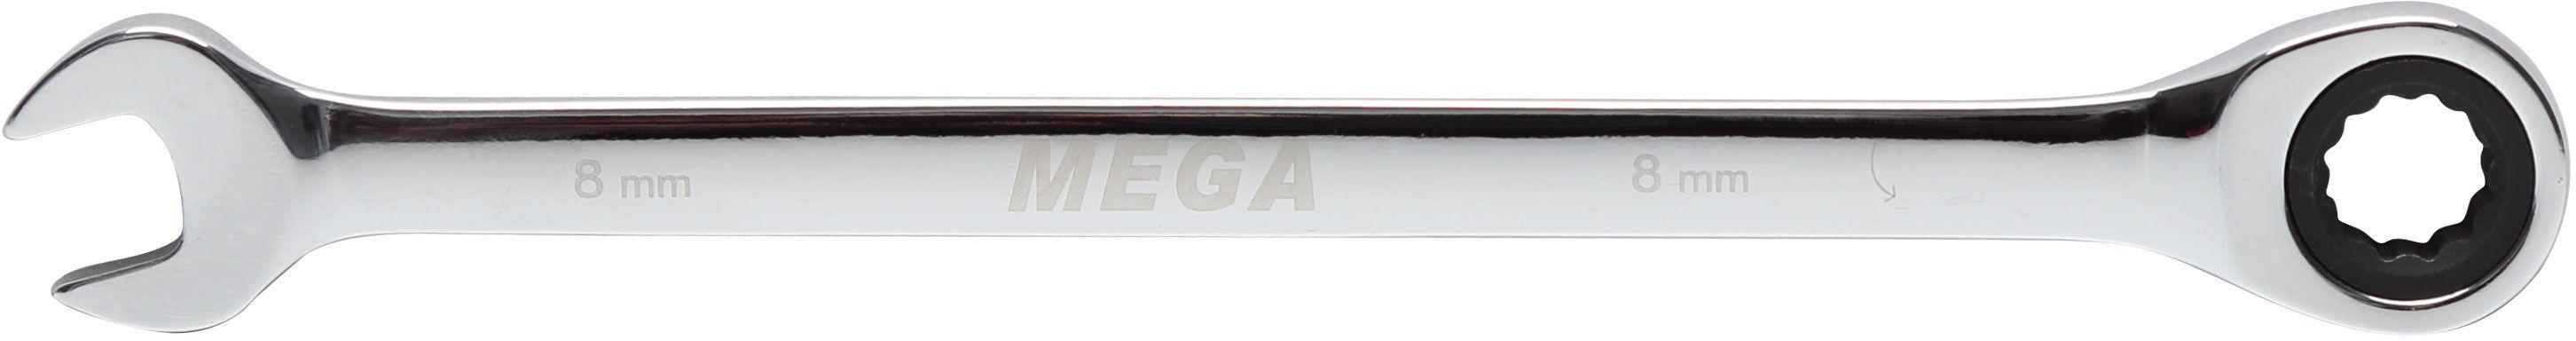 Klucz oczkowo-płaski z grzechotką, 12mm